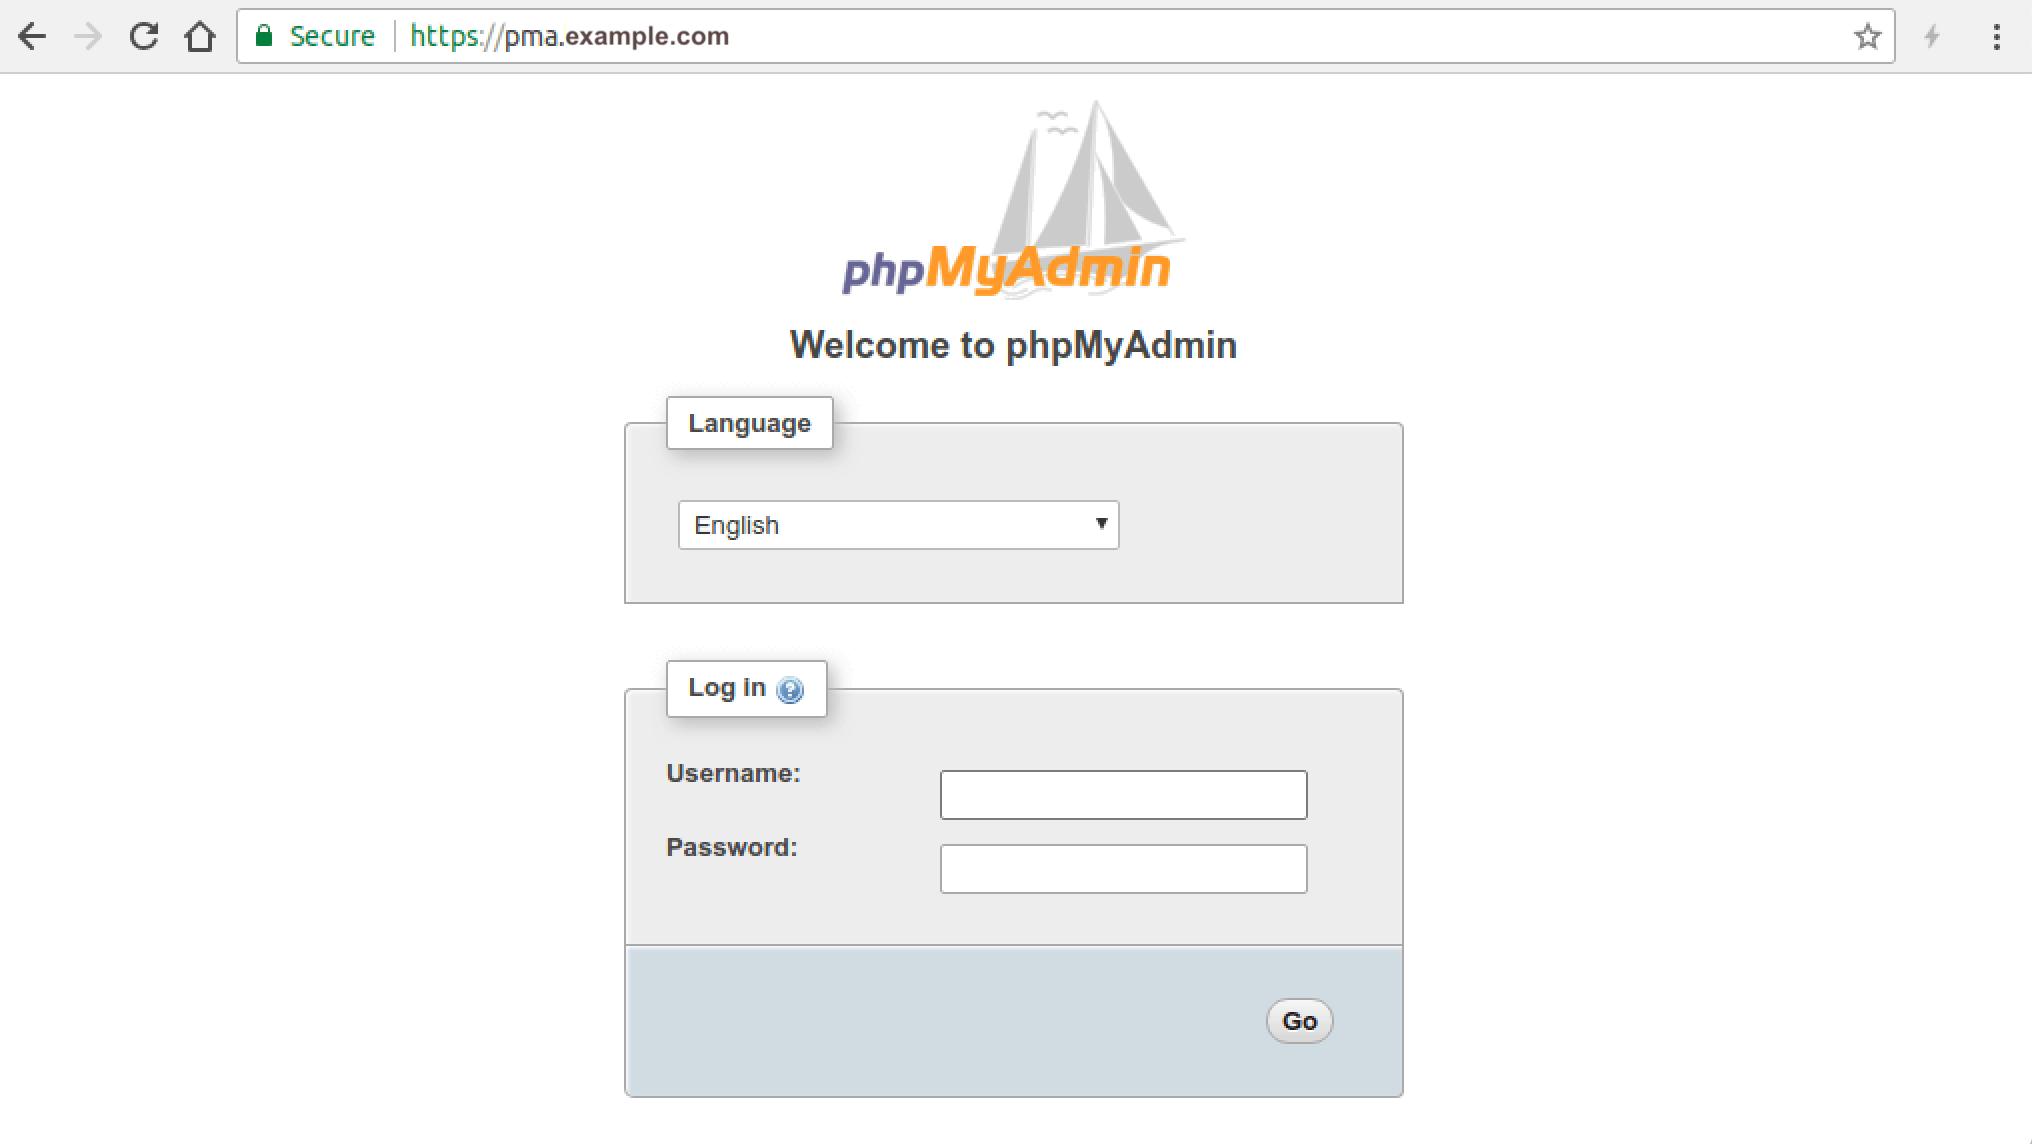 phpmyadmin-ubuntu-18.04